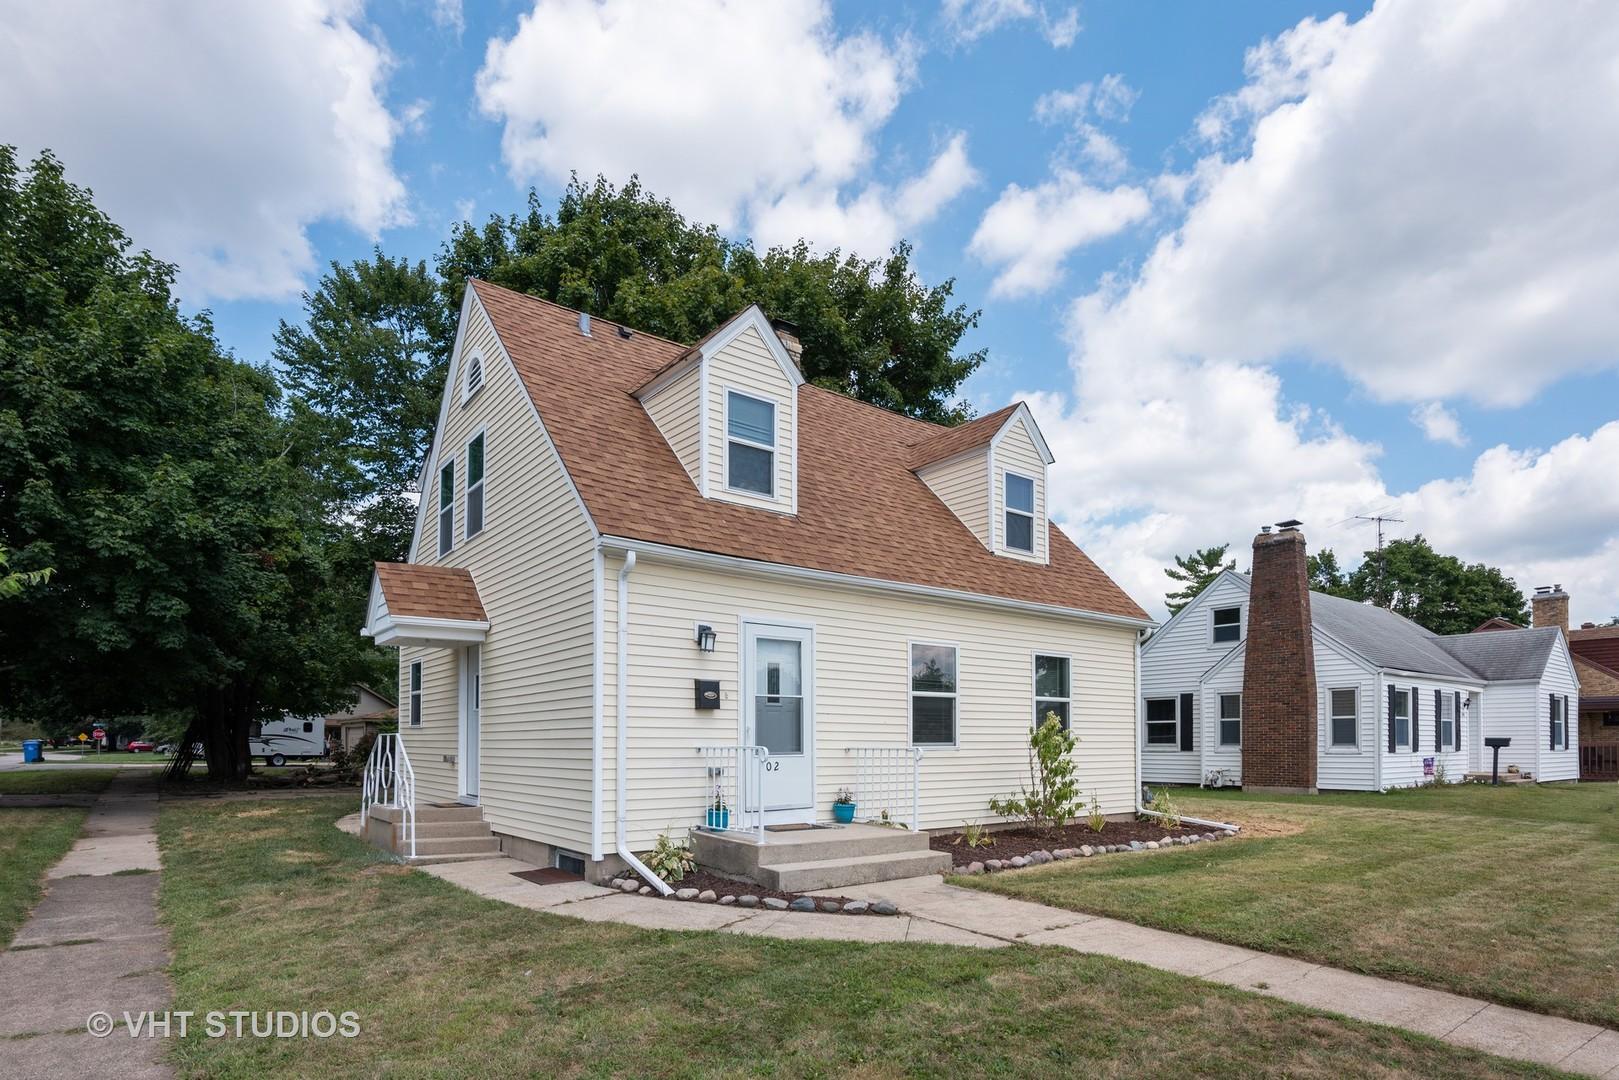 302 Maple ,Carpentersville, Illinois 60110